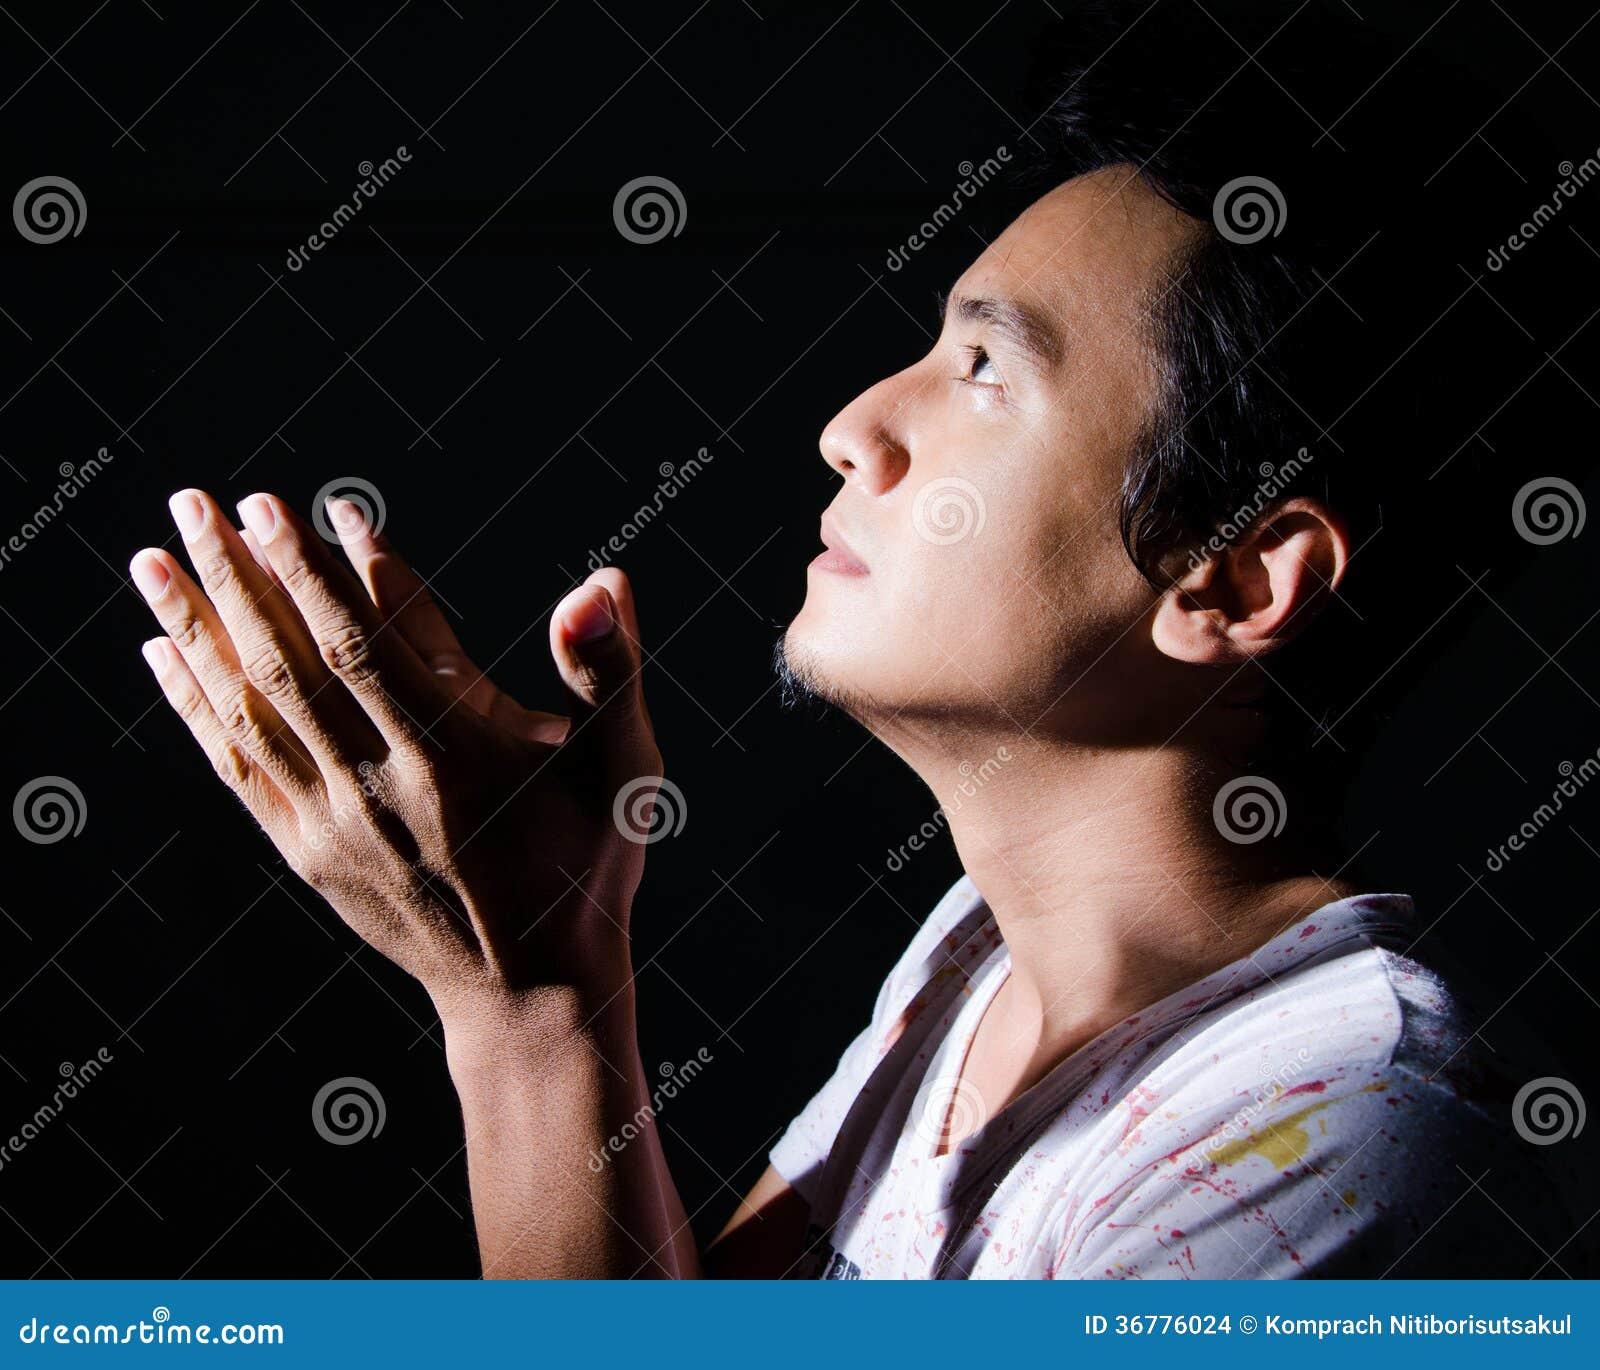 Christian man praying.